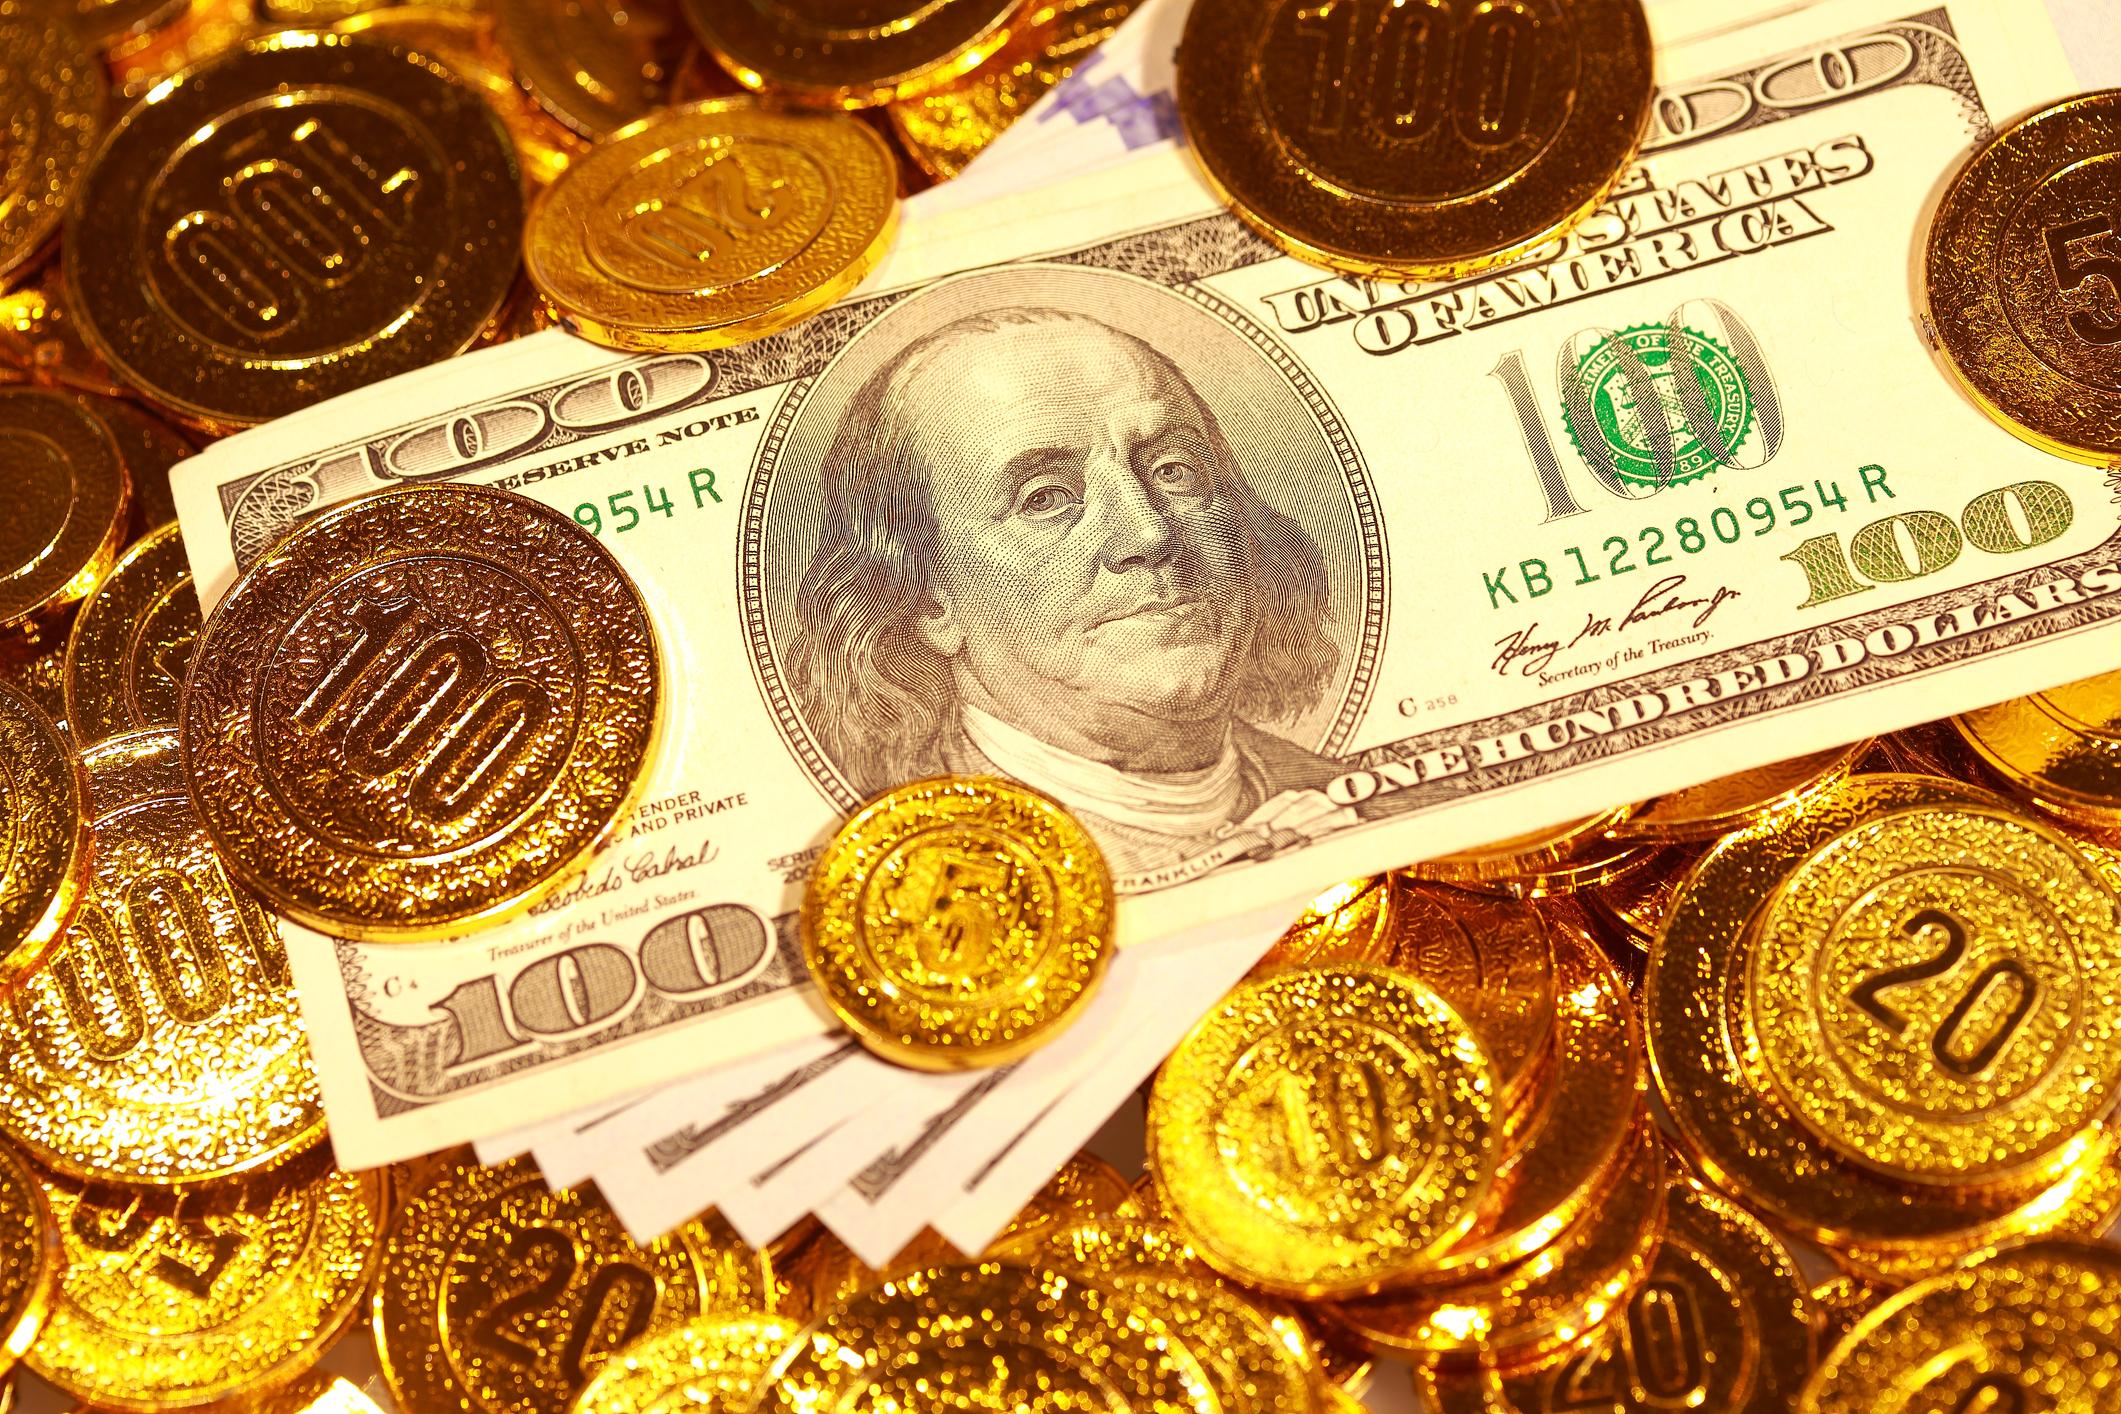 Dollar bills in a golden coin heap.